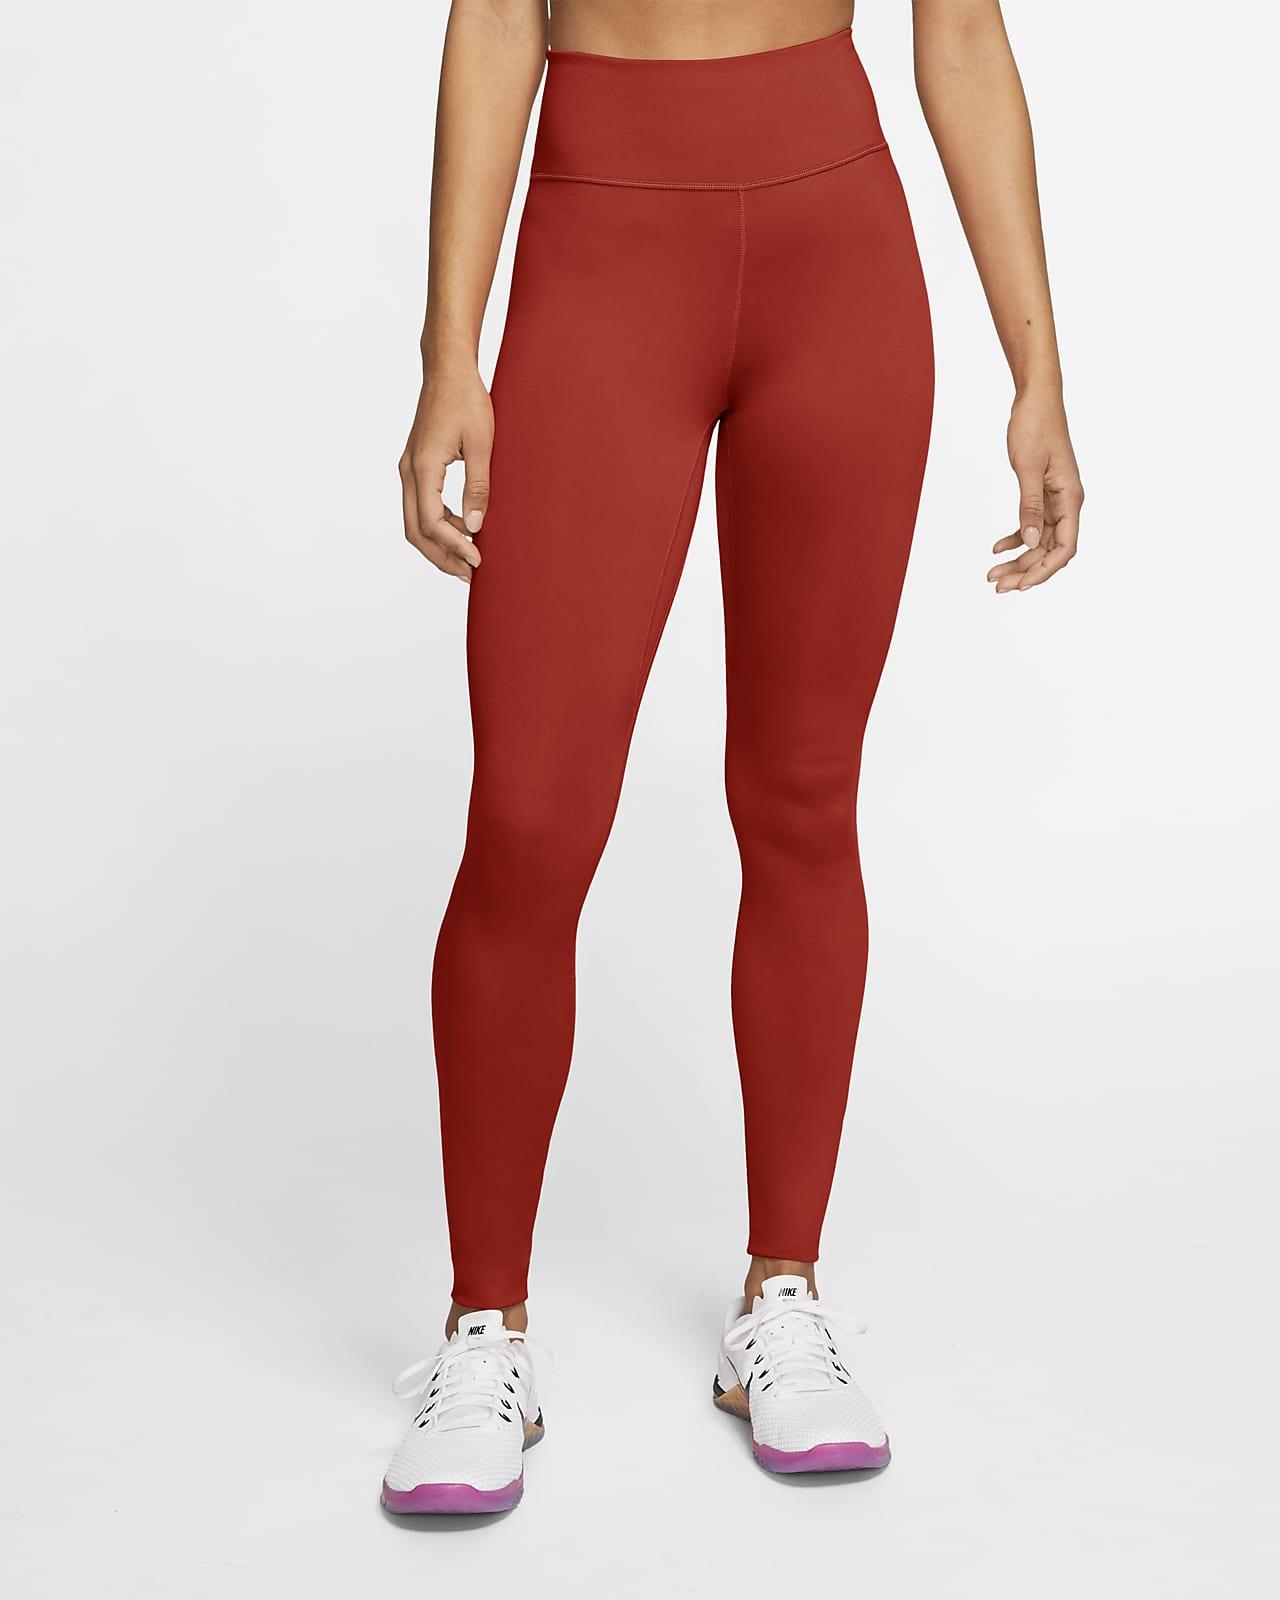 Nike One Women's Mid-Rise Leggings